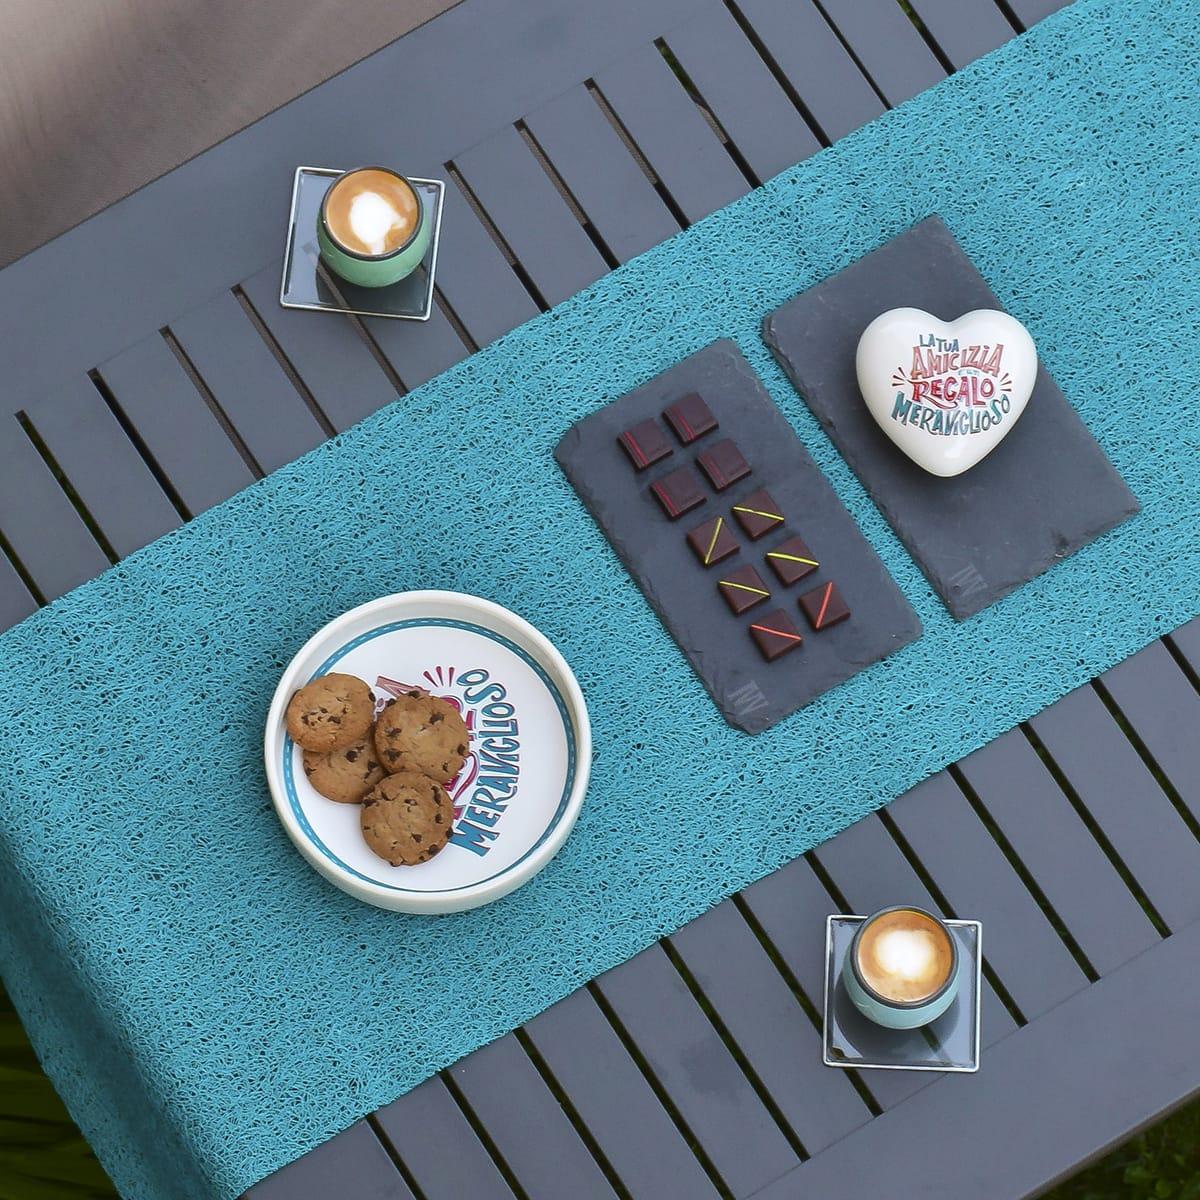 un caffè tra amici è il momento giusto per regalare un cuore in ceramica con la scritta la tua amicizia è un regalo meraviglioso